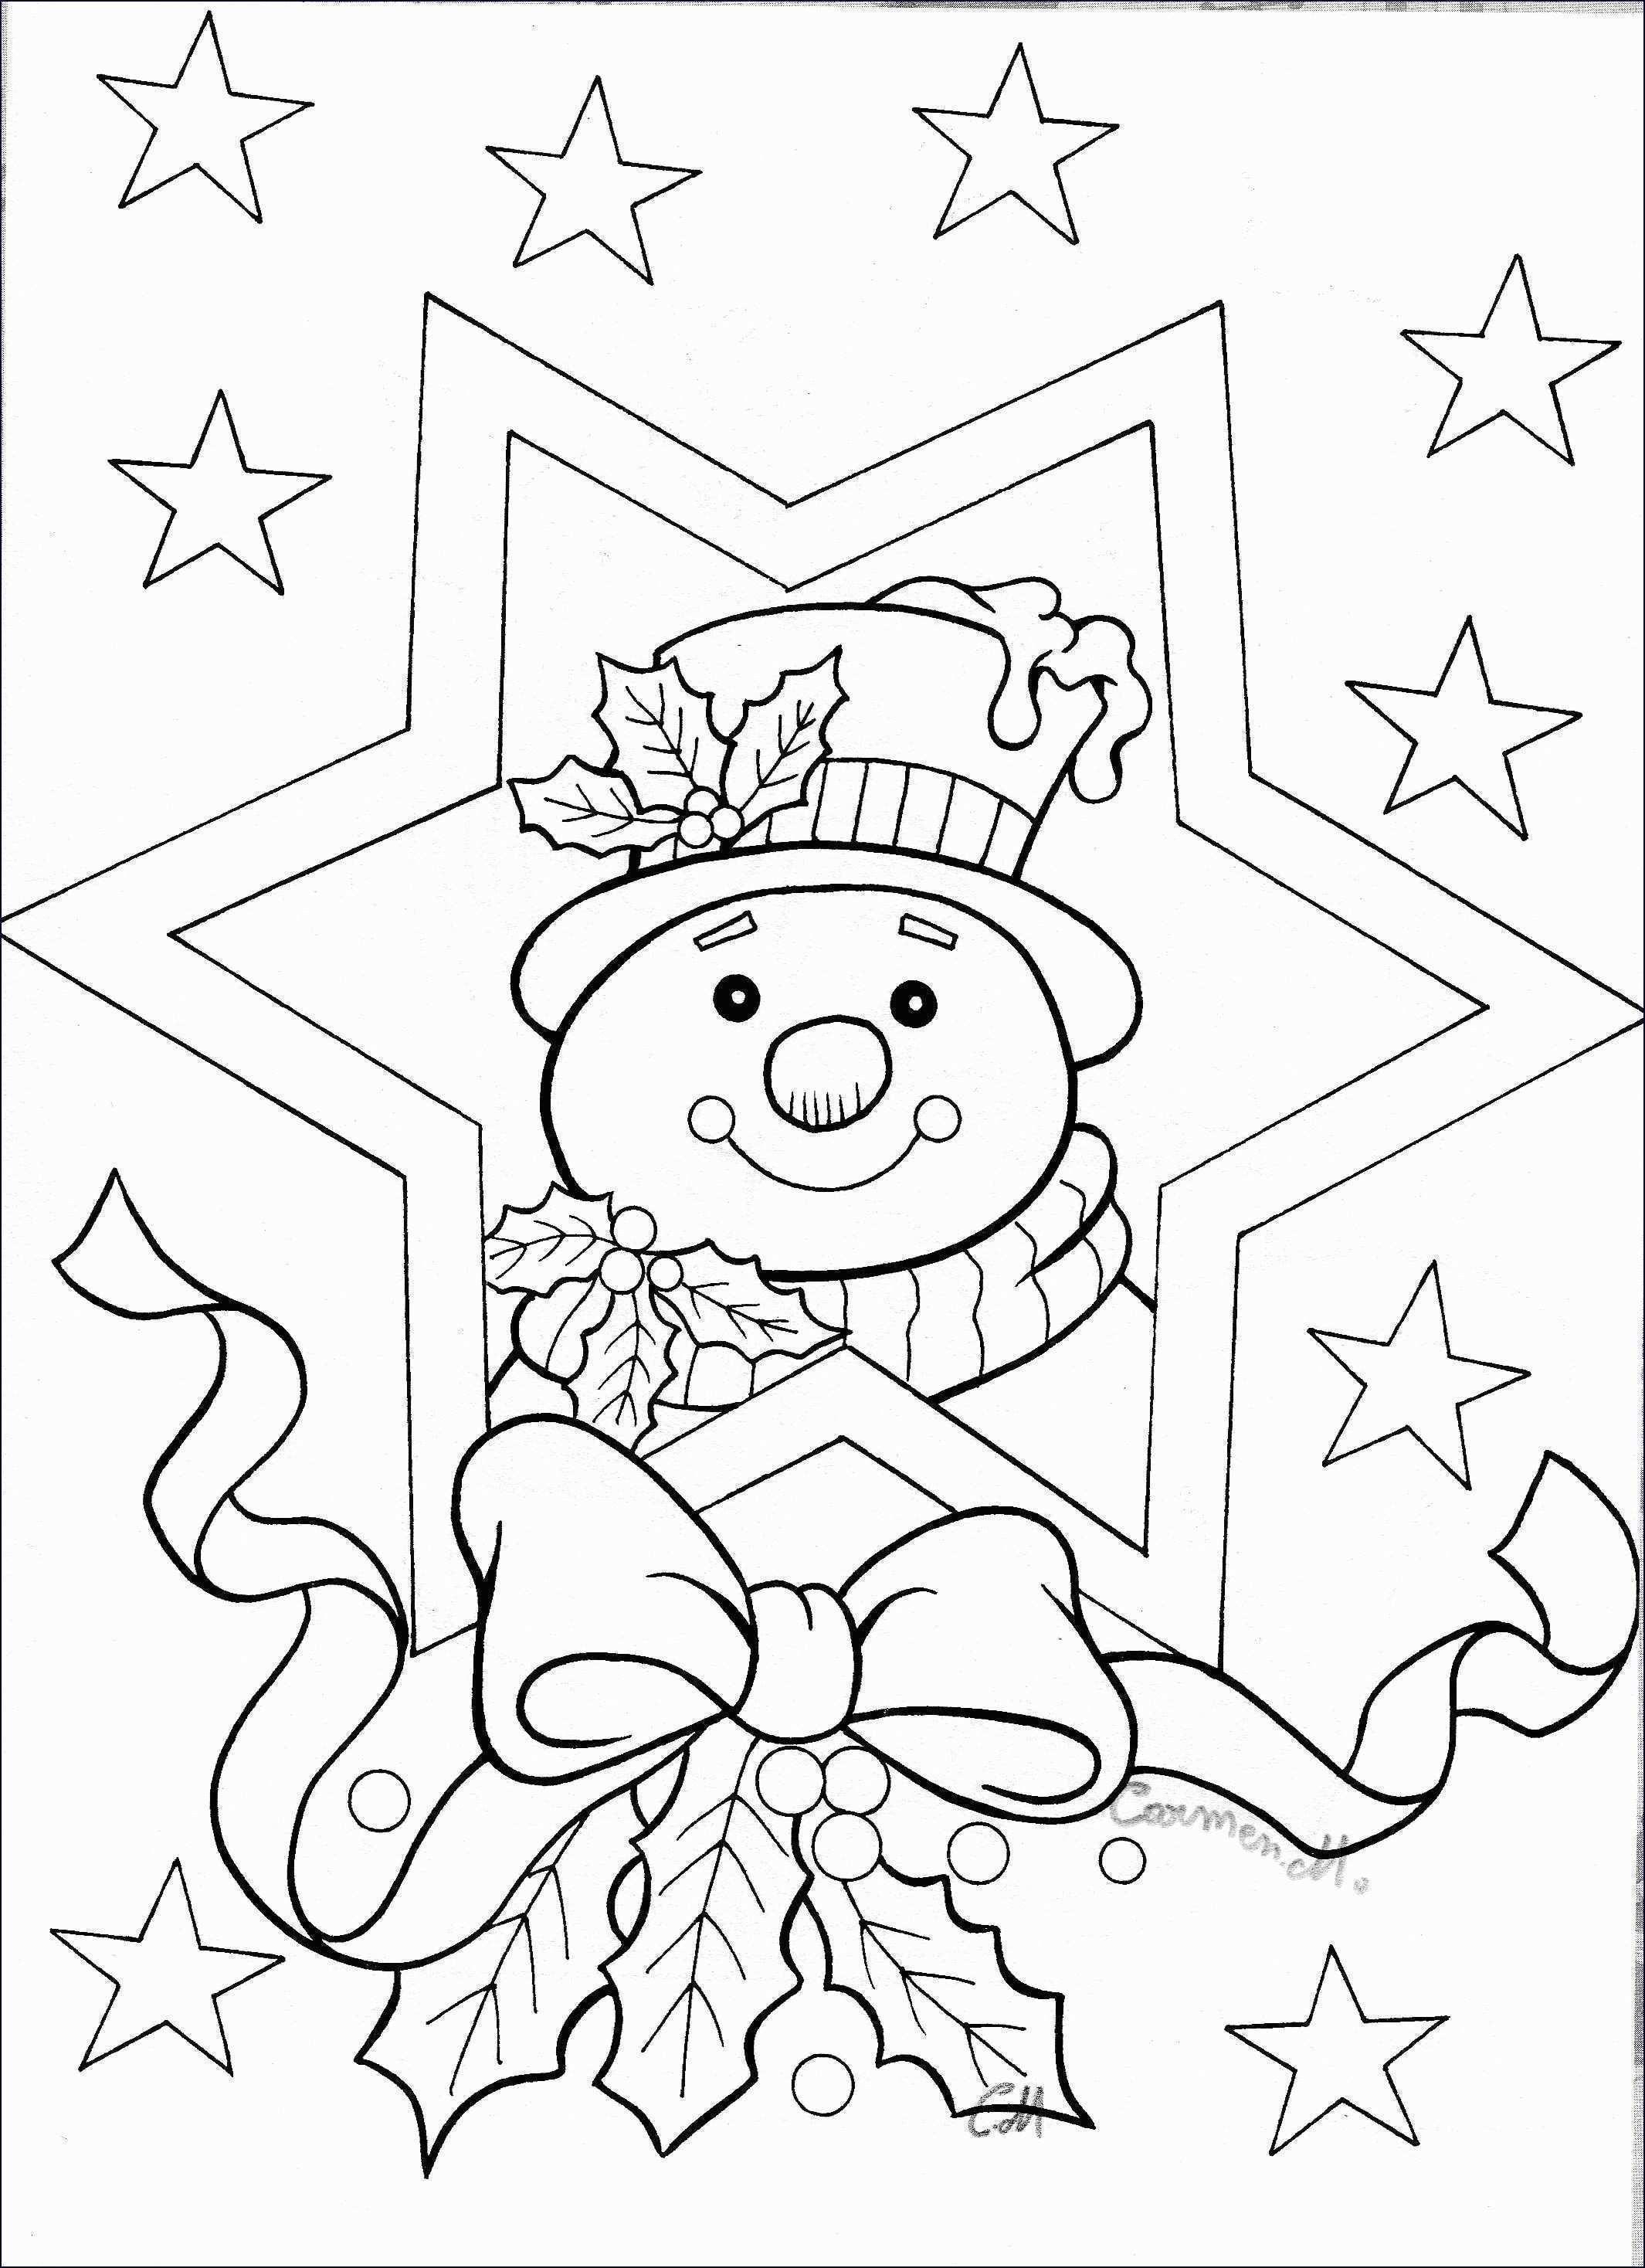 Ausmalbilder Emily Erdbeer Frisch Hello Kitty Zeichnen Bild Feuerwehrauto Zum Ausmalen – Ausmalbilder Stock